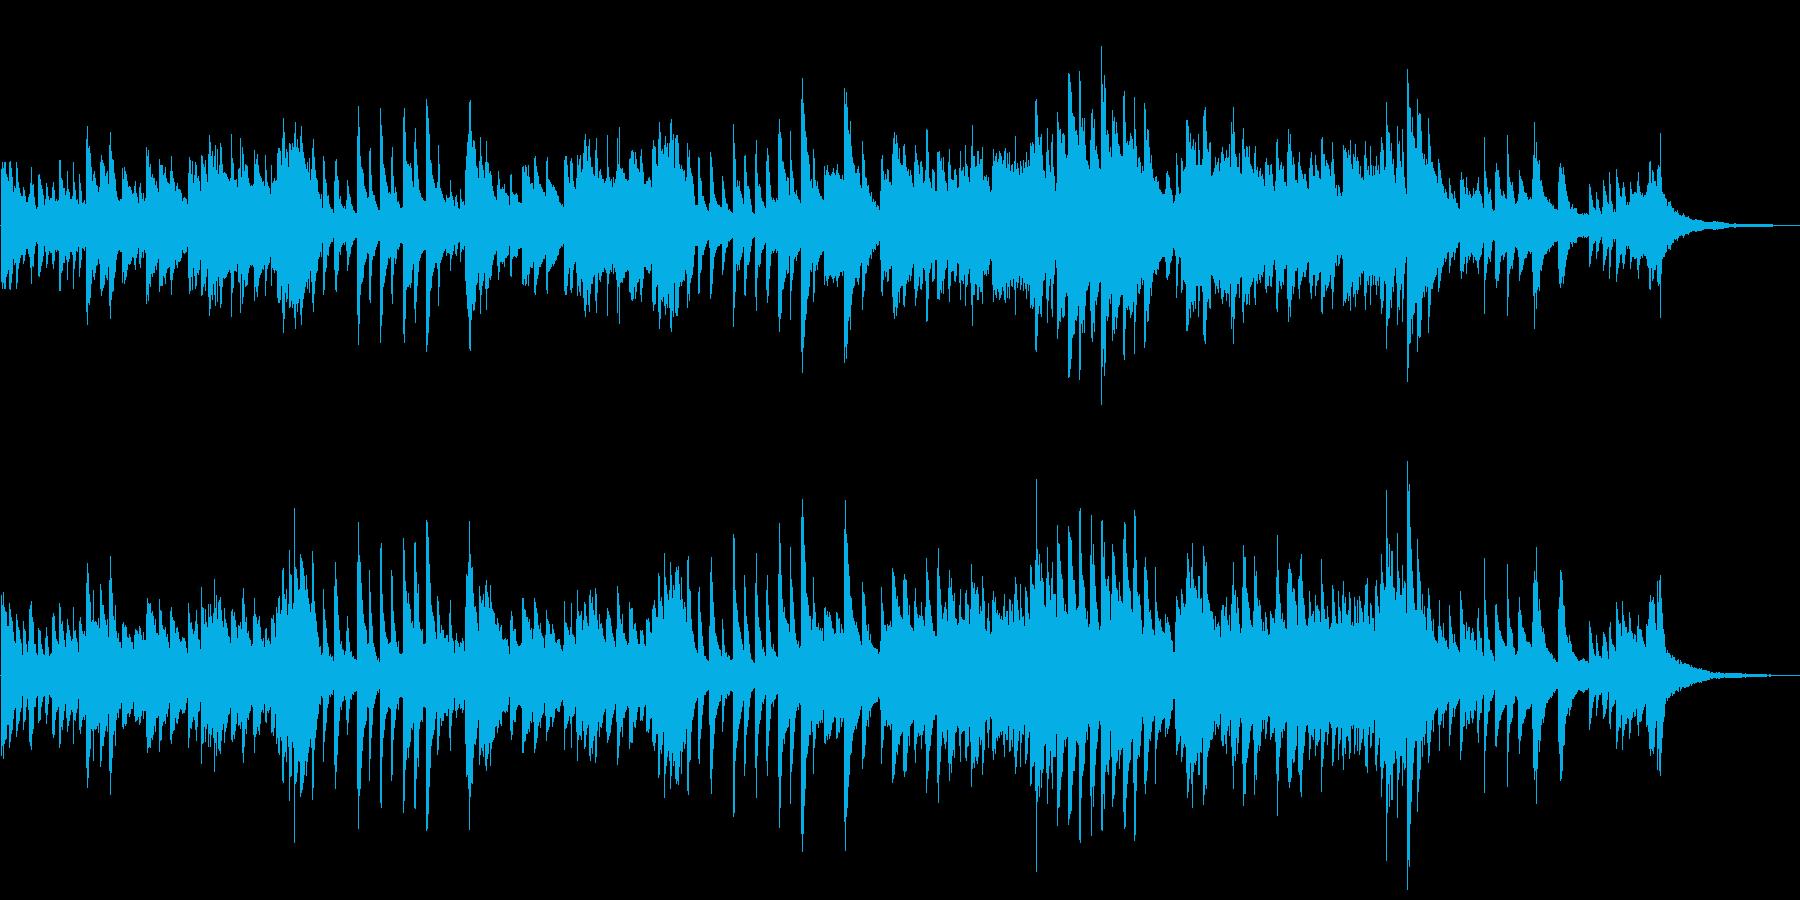 【クリスマス曲アレンジ】ジングルベルの再生済みの波形